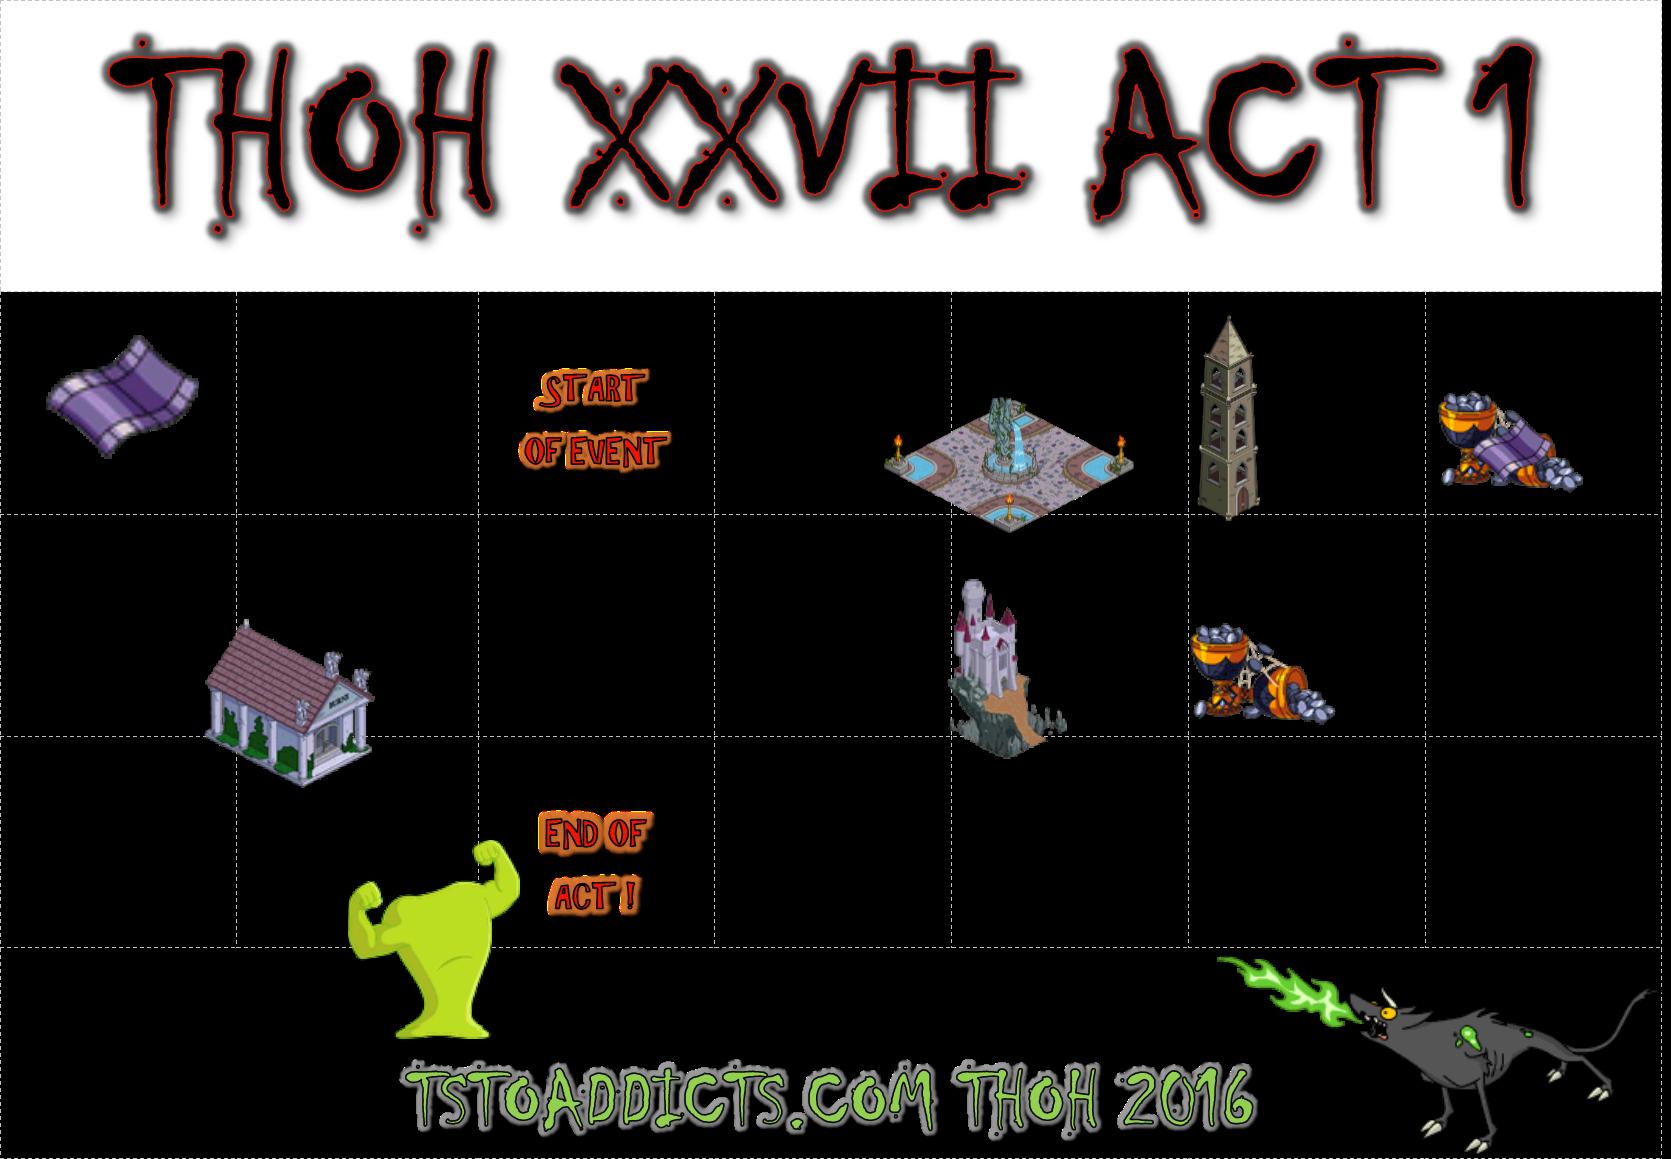 thoh-2016-calendar-act-1.png